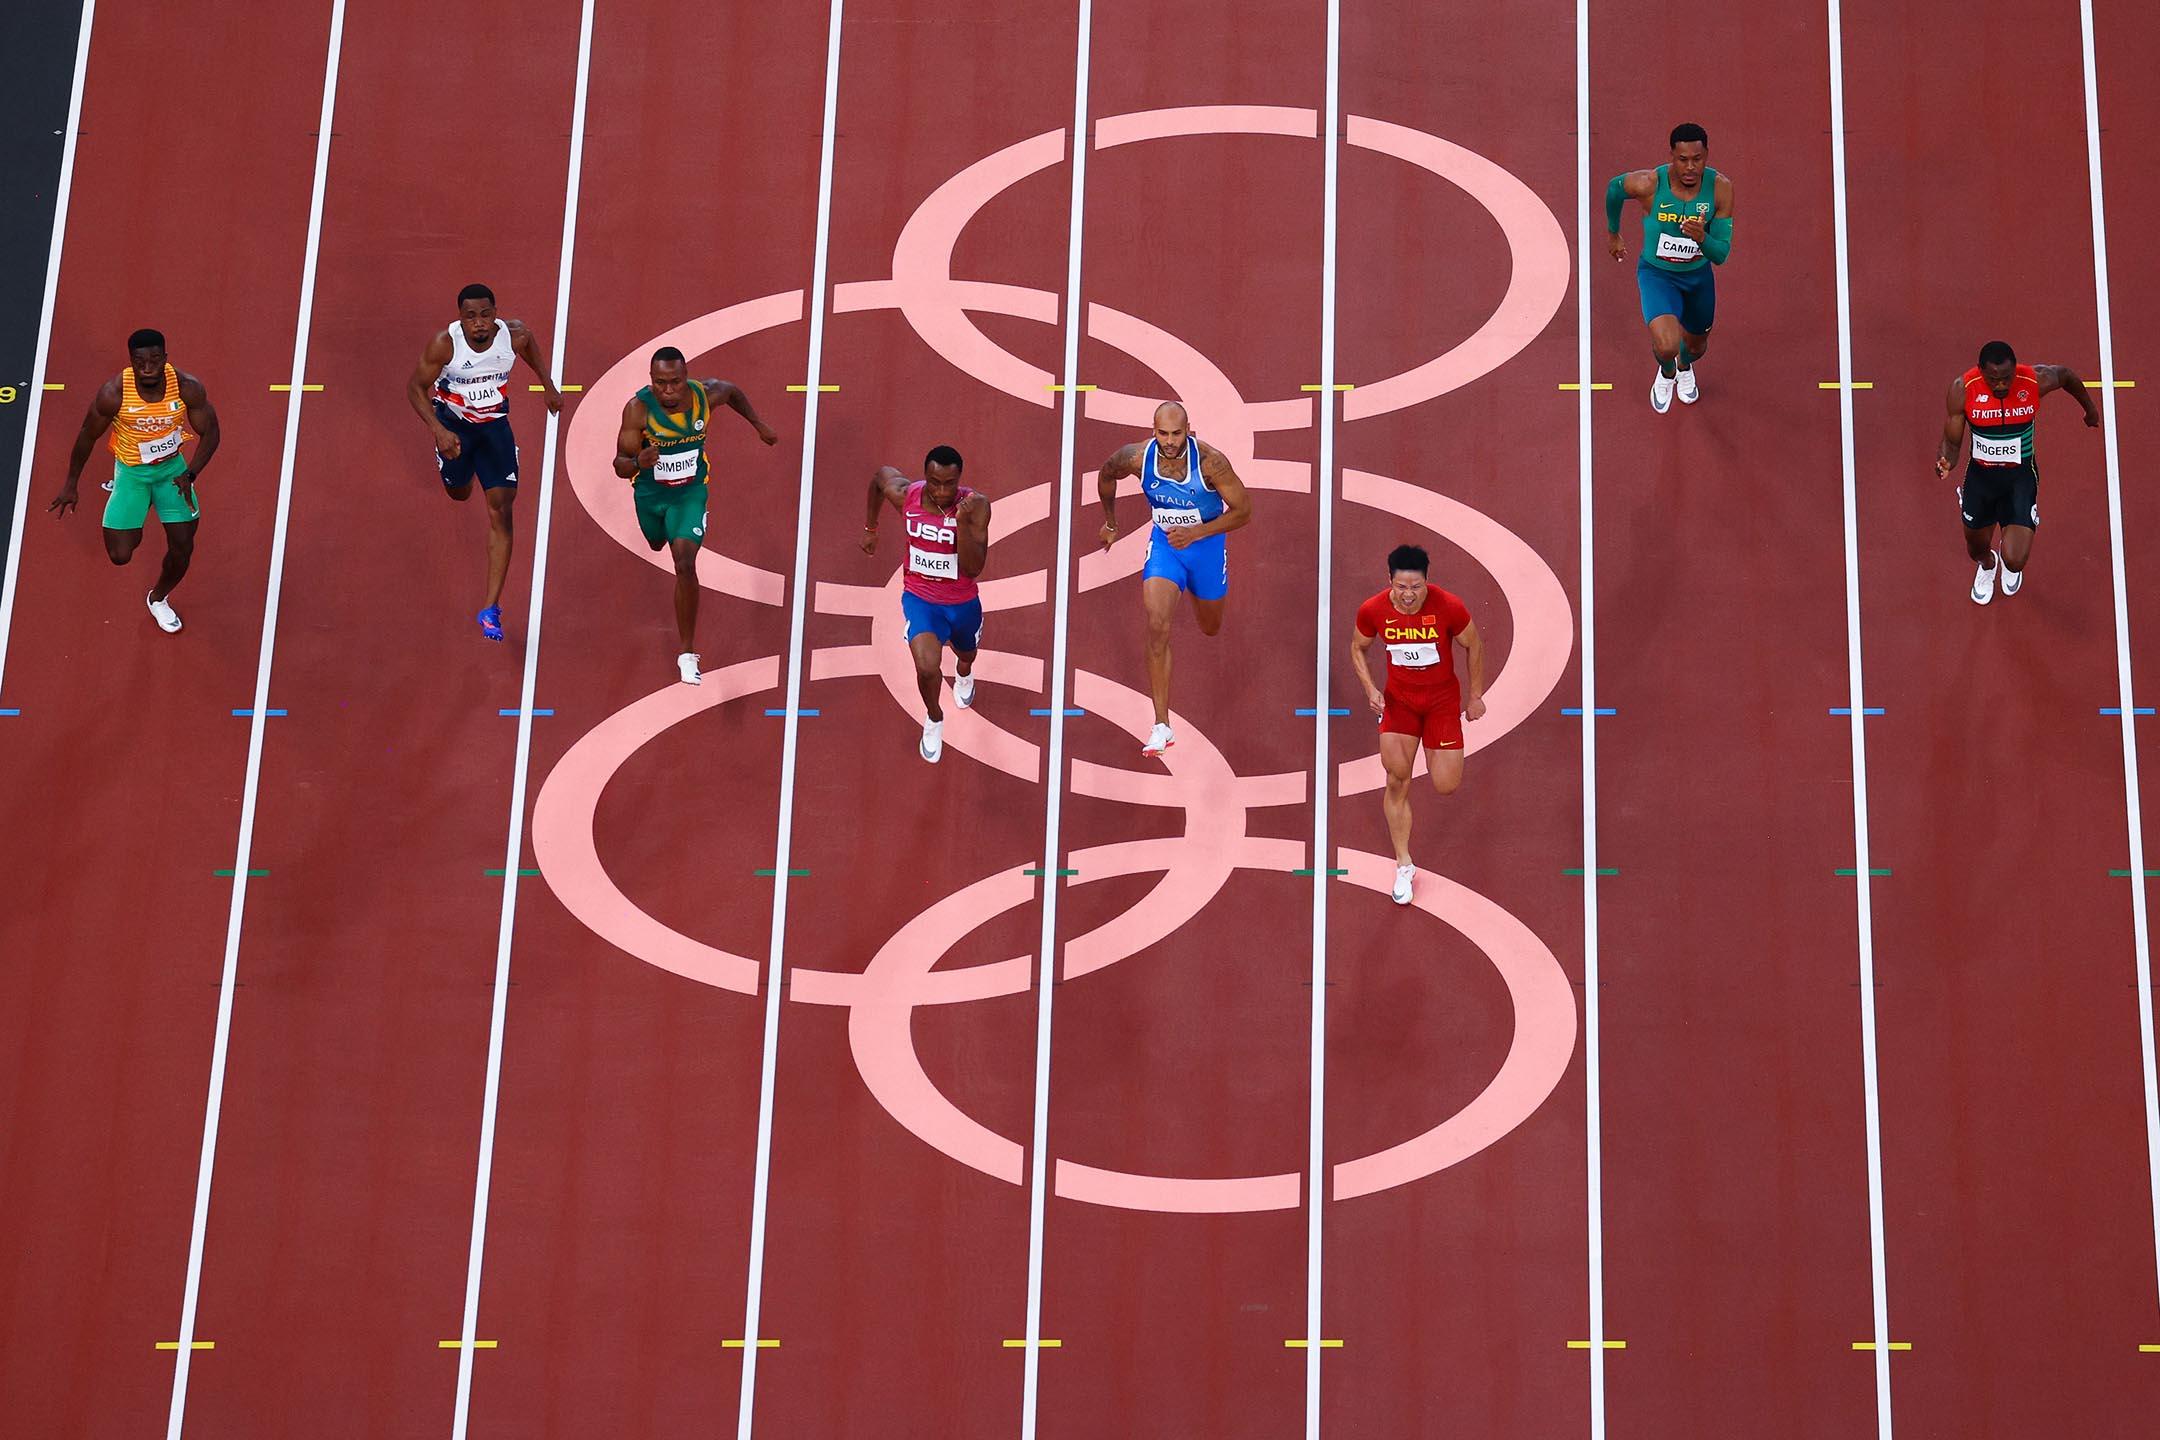 2021年8月1日日本東京奧林匹克體育場,中國隊蘇炳添參與100m準決賽。